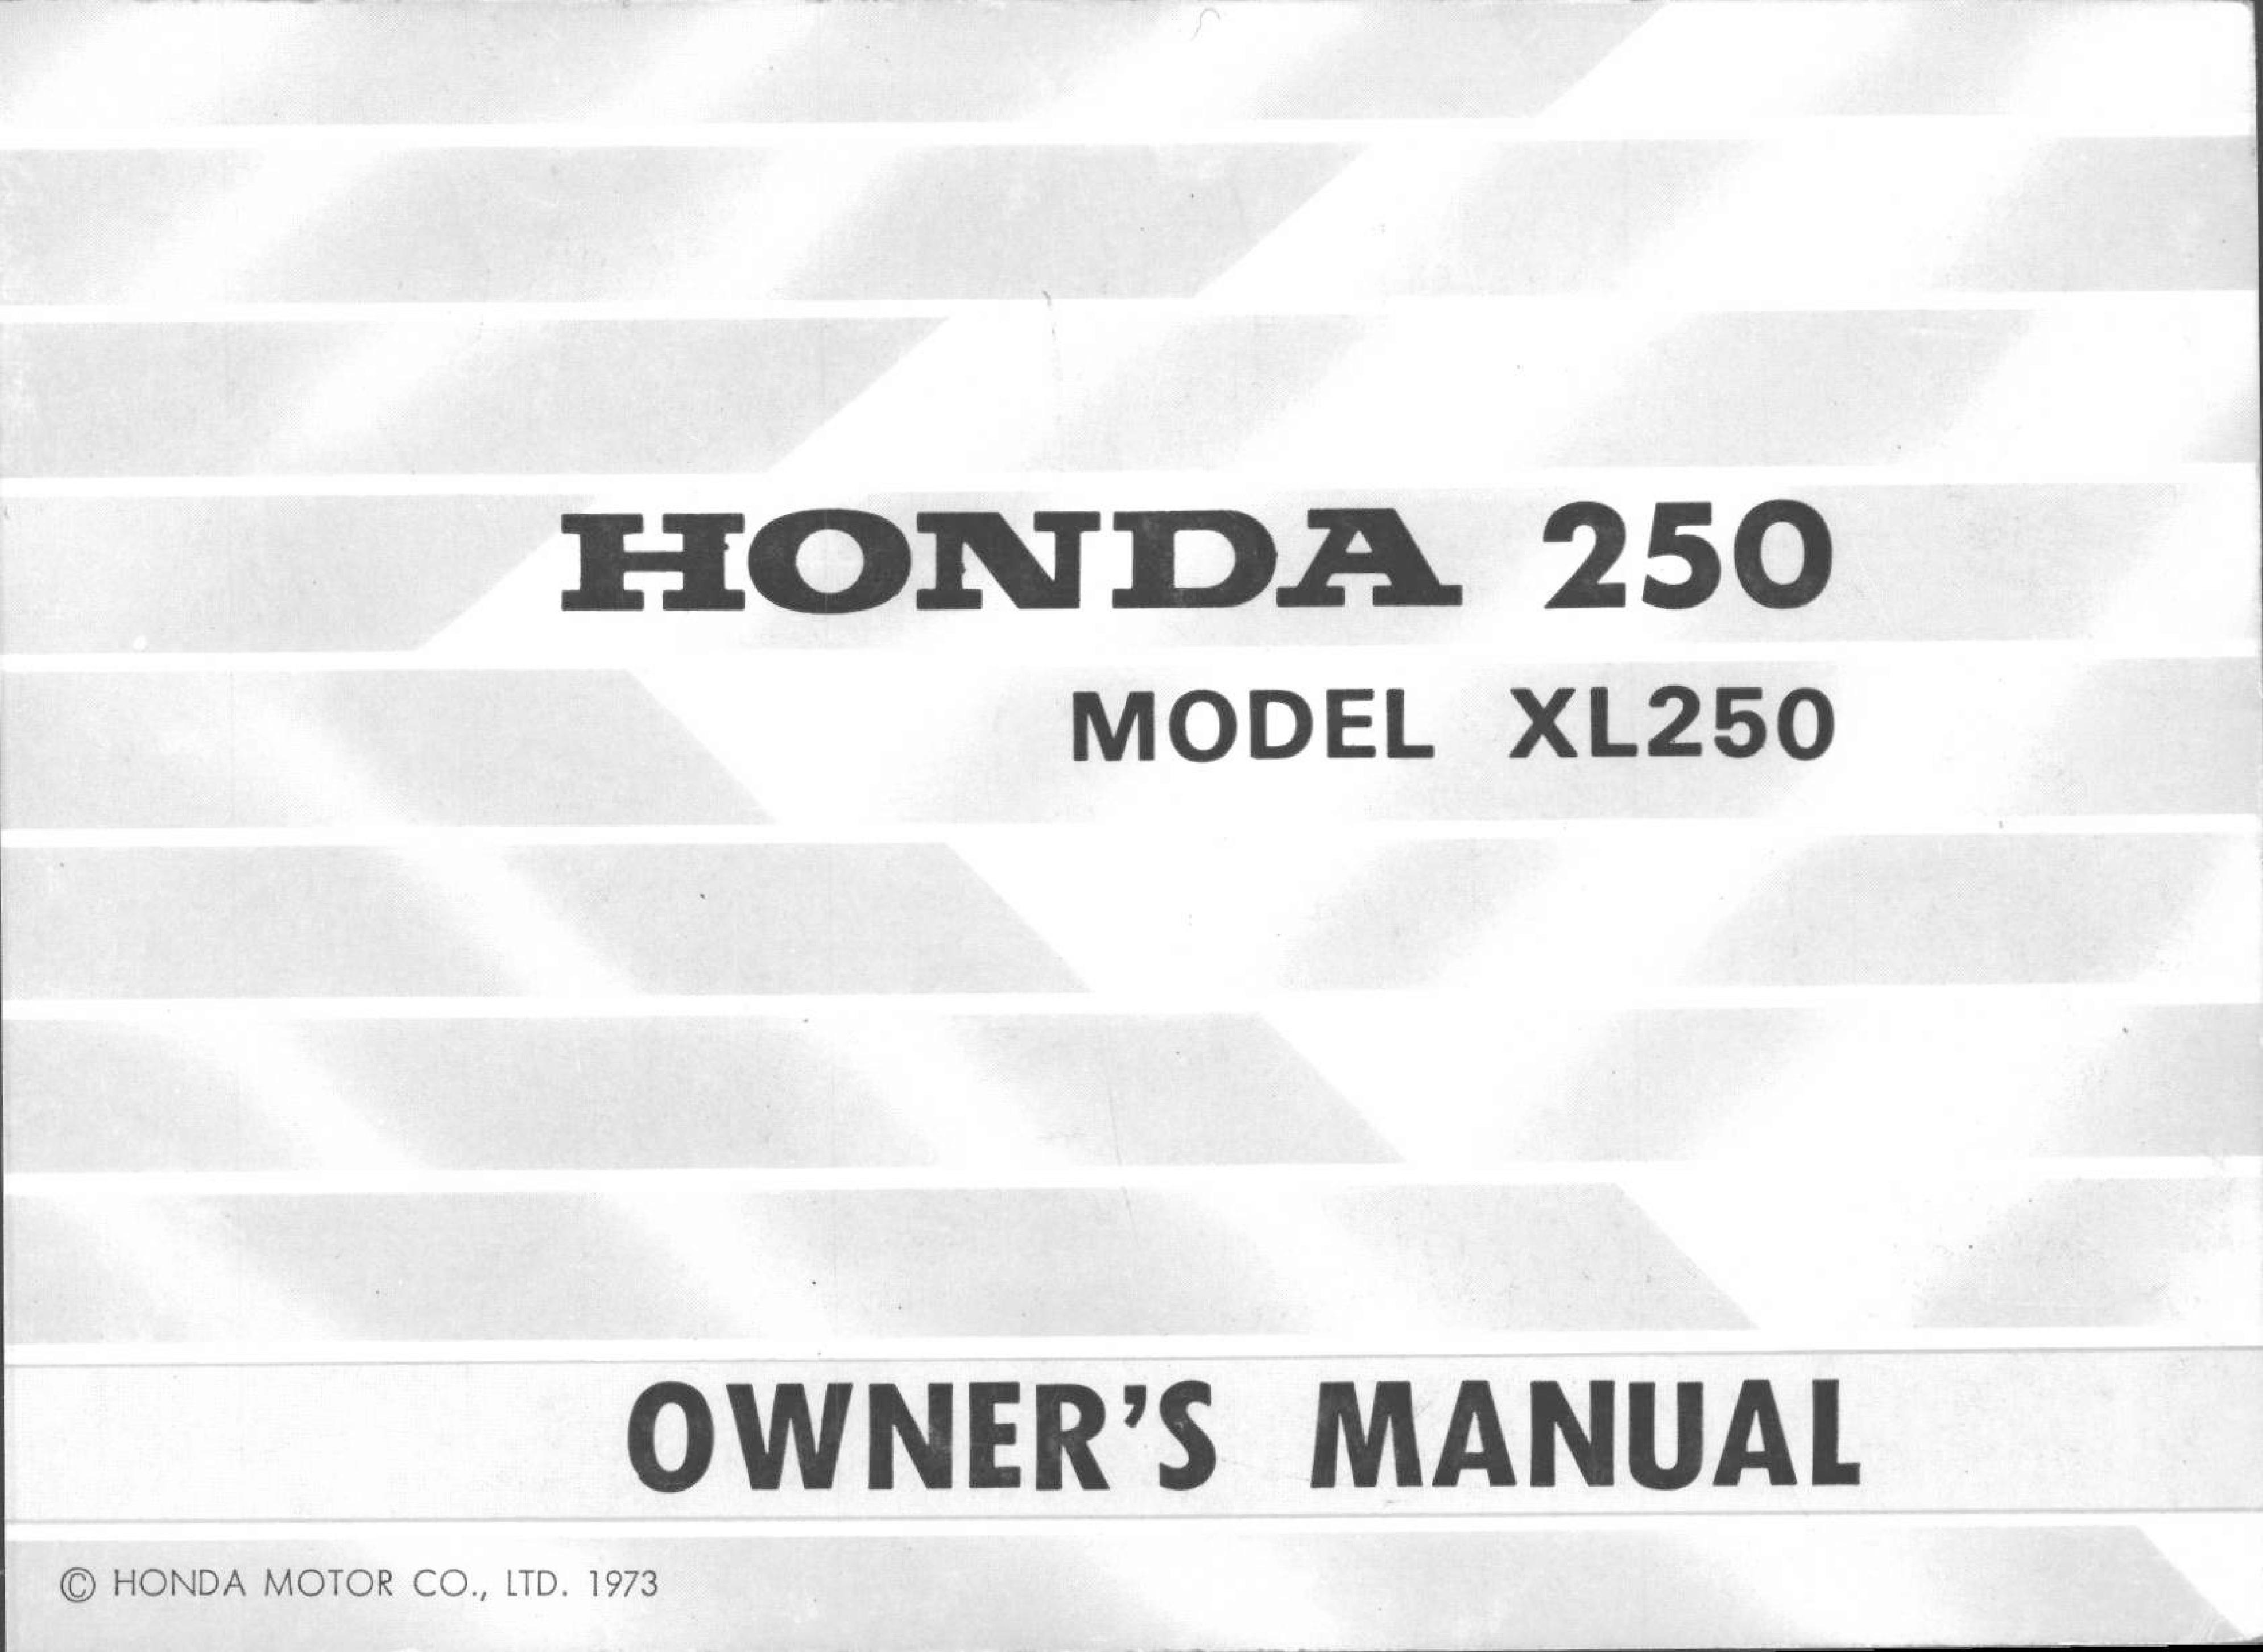 Owner's manual for Honda XL250 (1973)